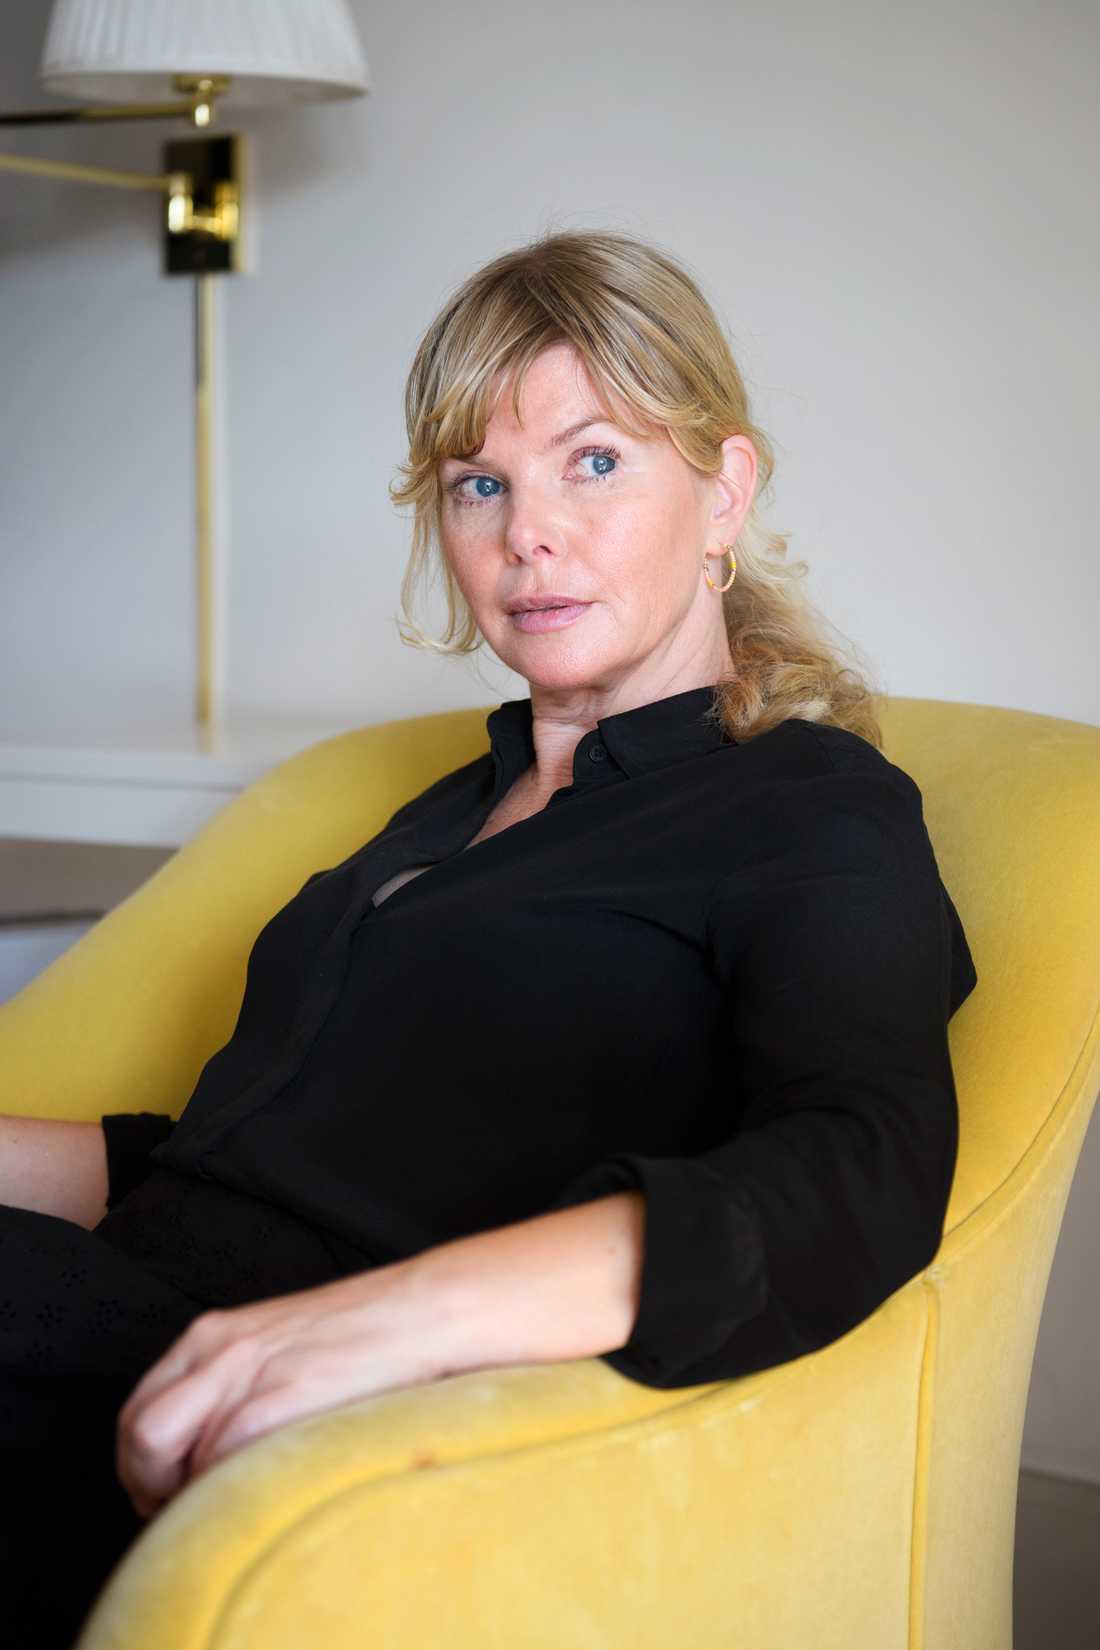 """Anna Björk spelar matriarken Maude, en problematisk """"boss lady"""" i Jordnära. Björk säger att hon fick """"tänka efter både en och två gånger"""" när hon läste manus innan hon tackade ja."""